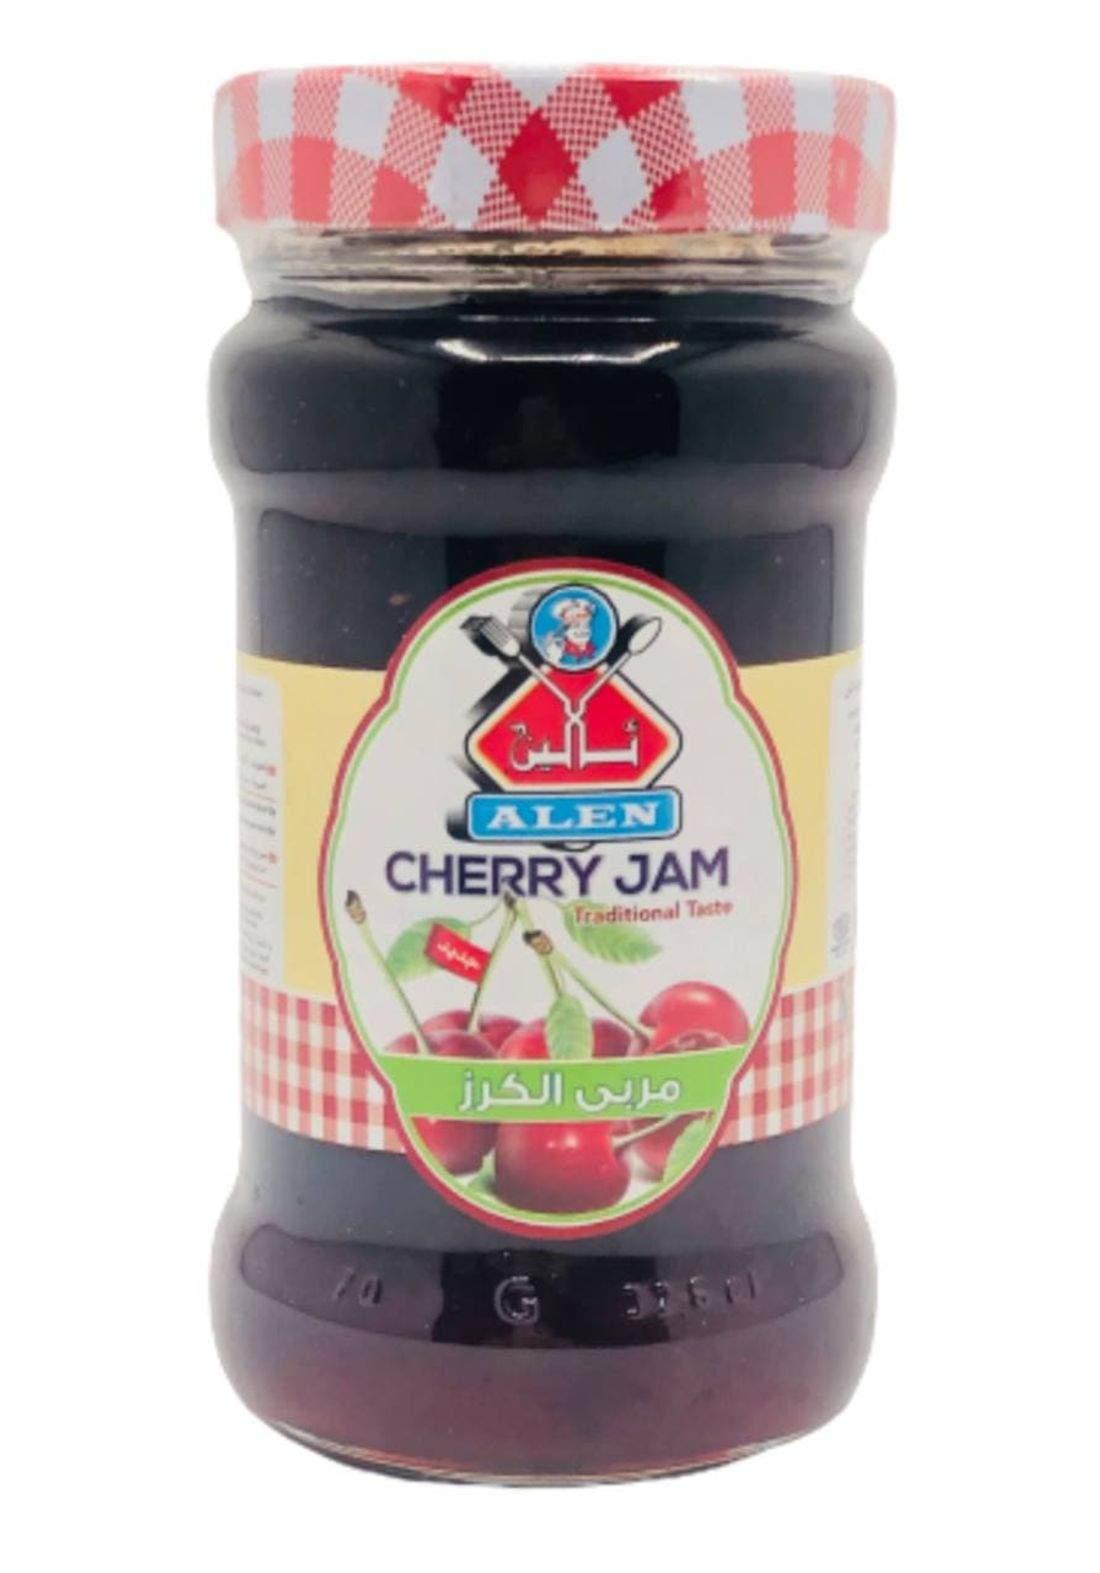 Alken cherry jam 380g ئالين مربى الكرز